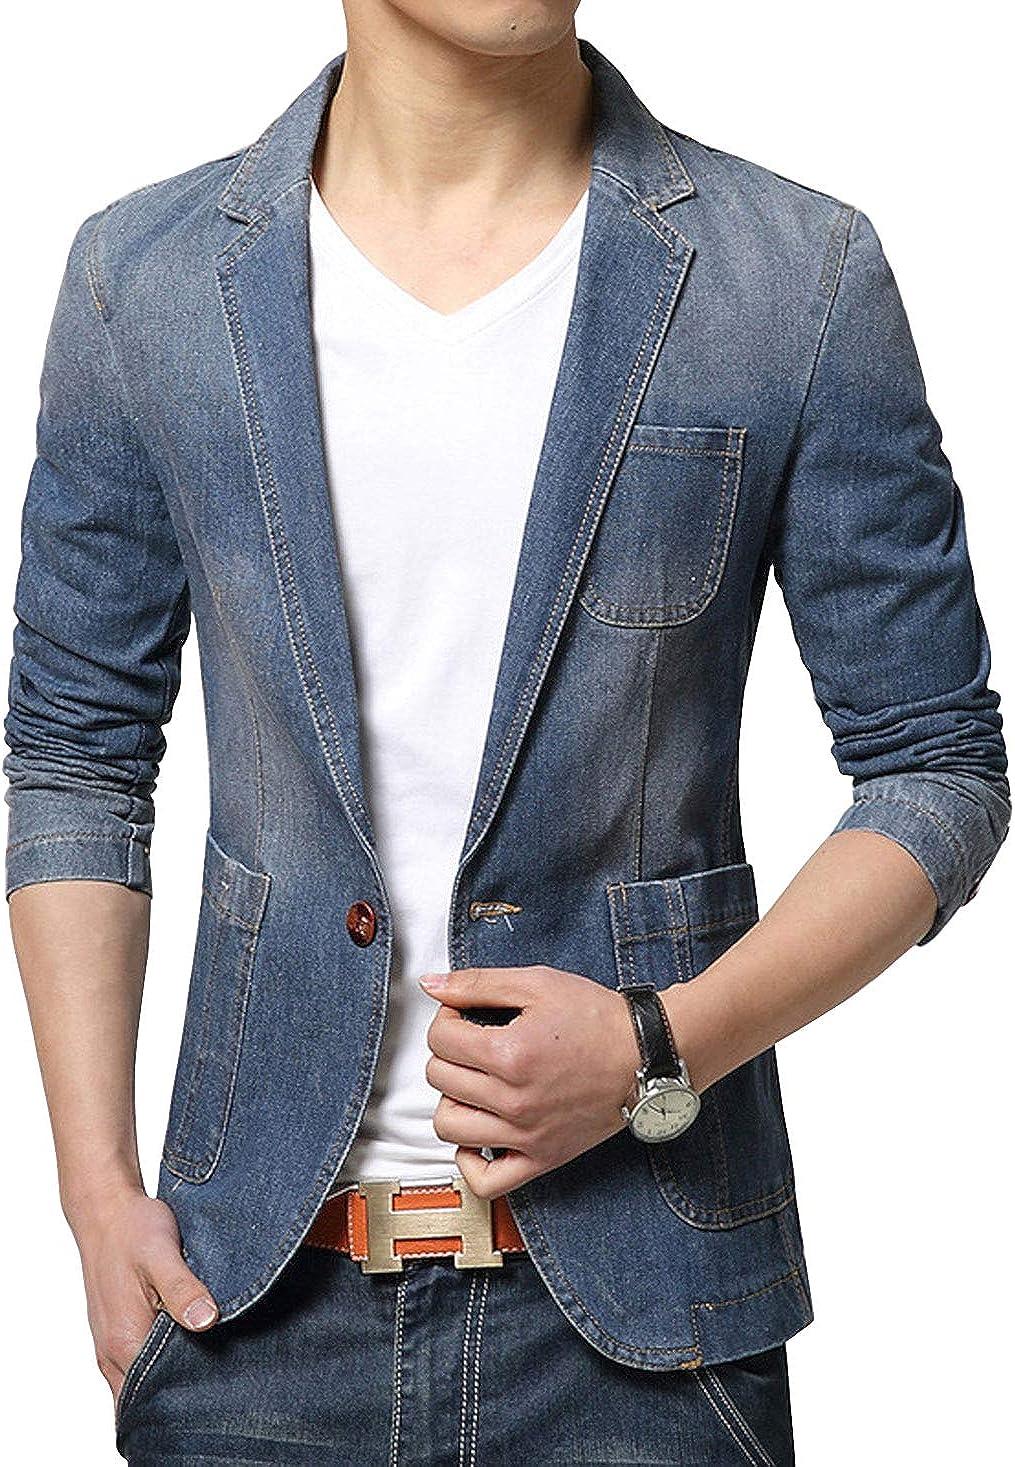 ebossy Men's One Button Slim Fit Lightweight Distressed Denim Blazer Sport Coat